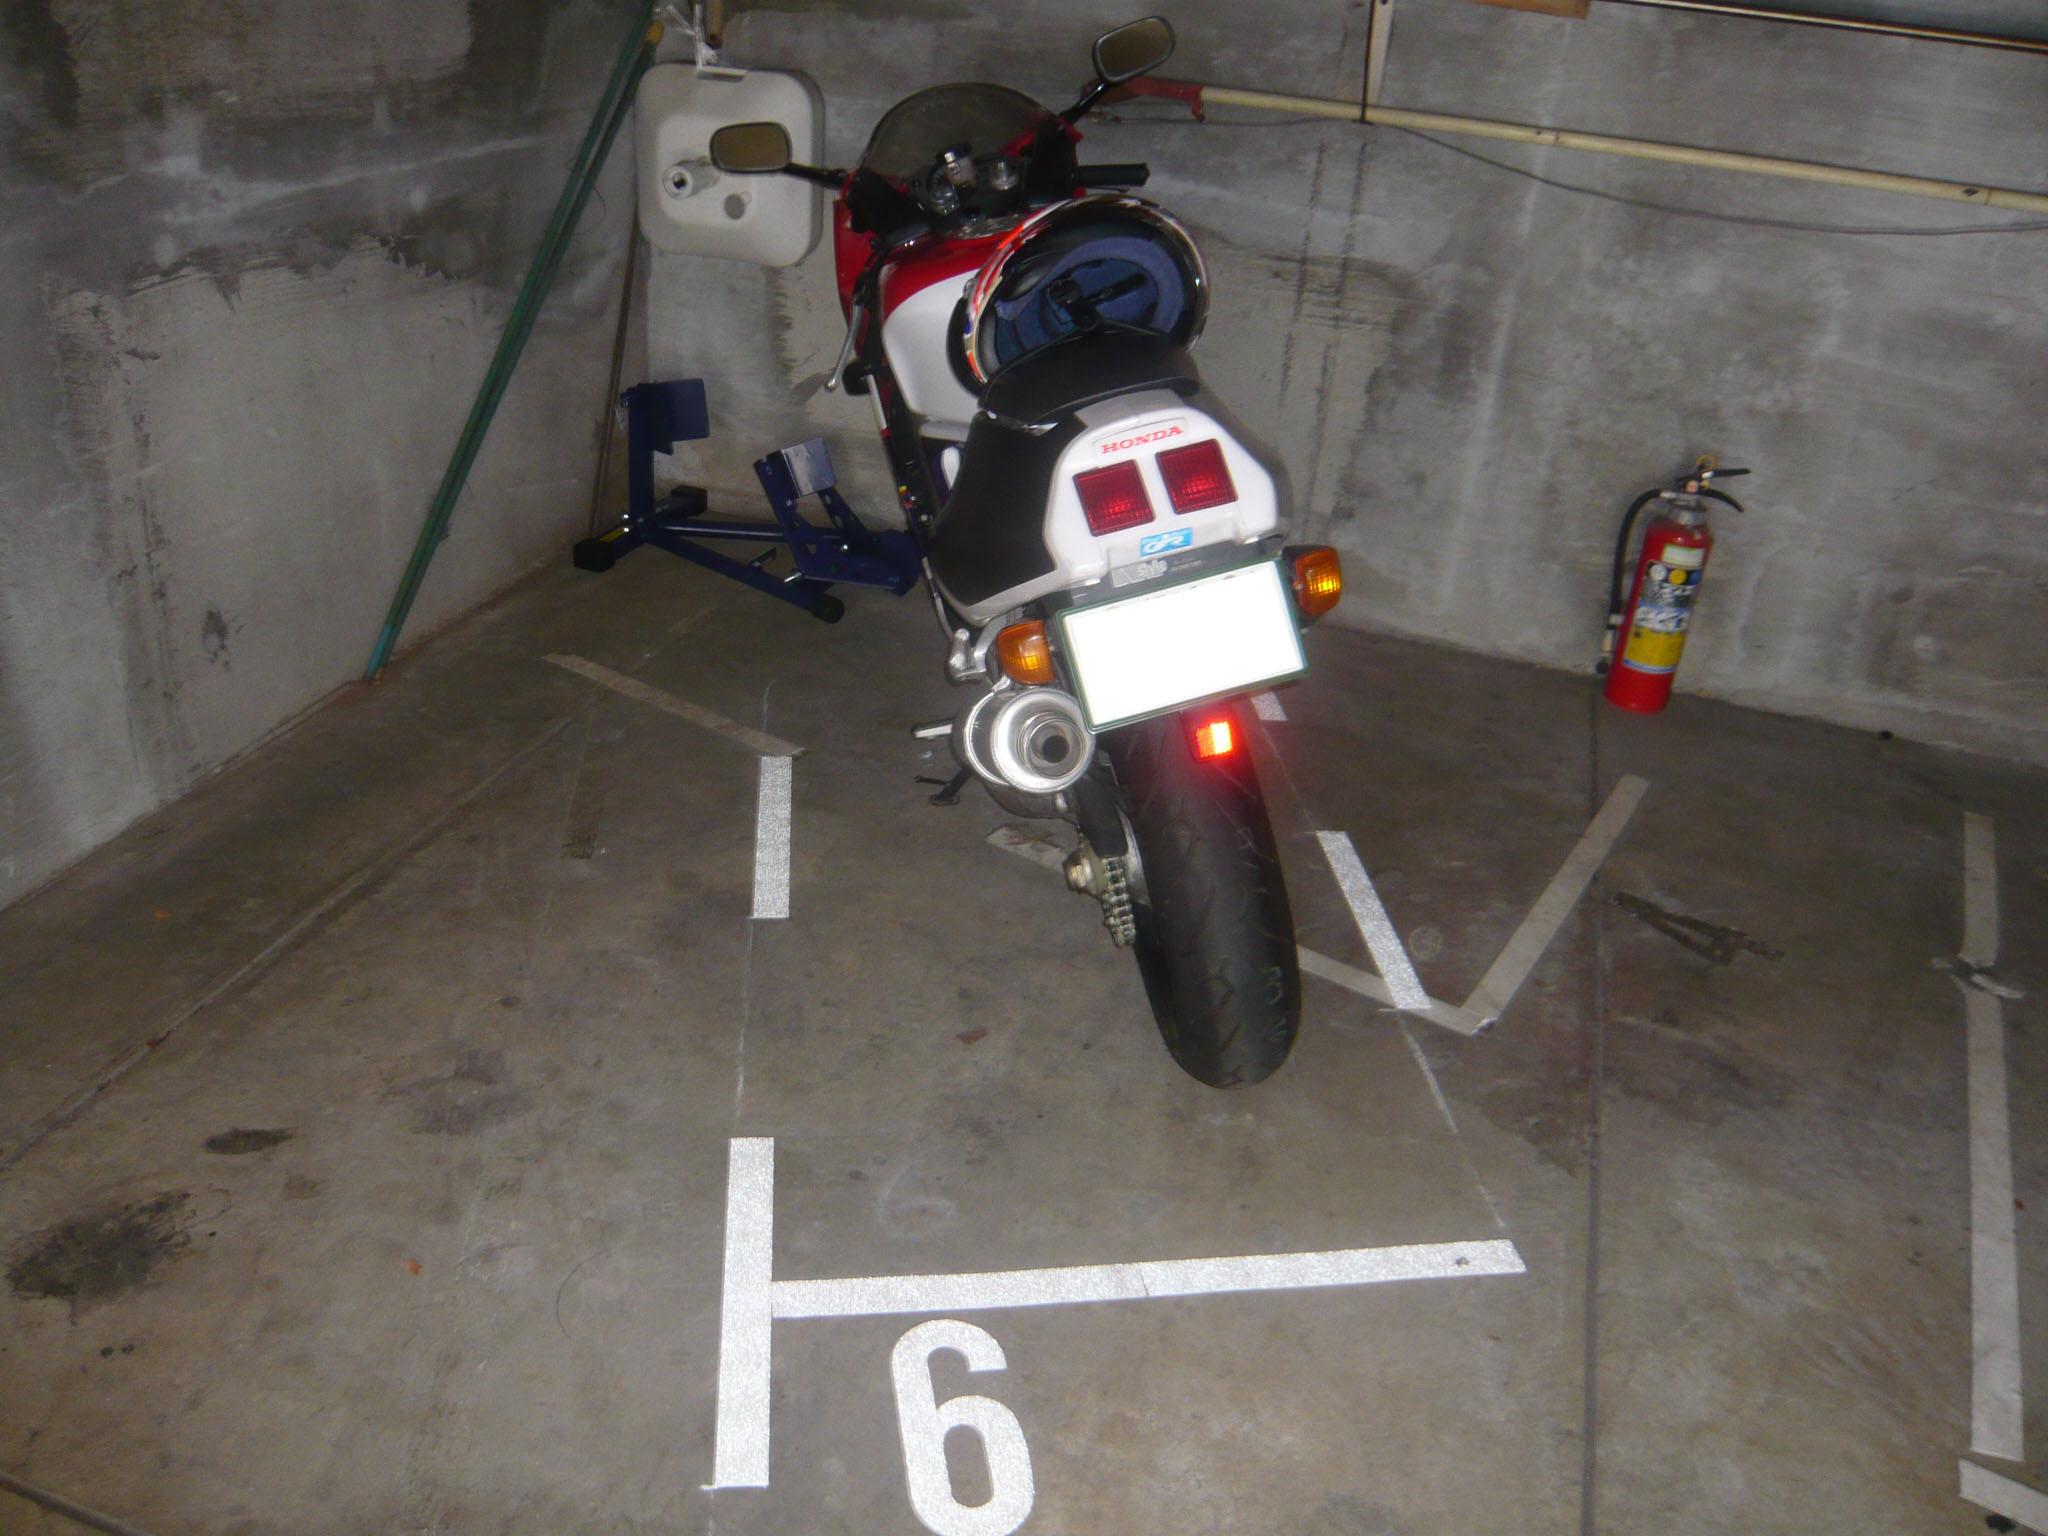 tmcバイク駐車場品川高輪の物件外観